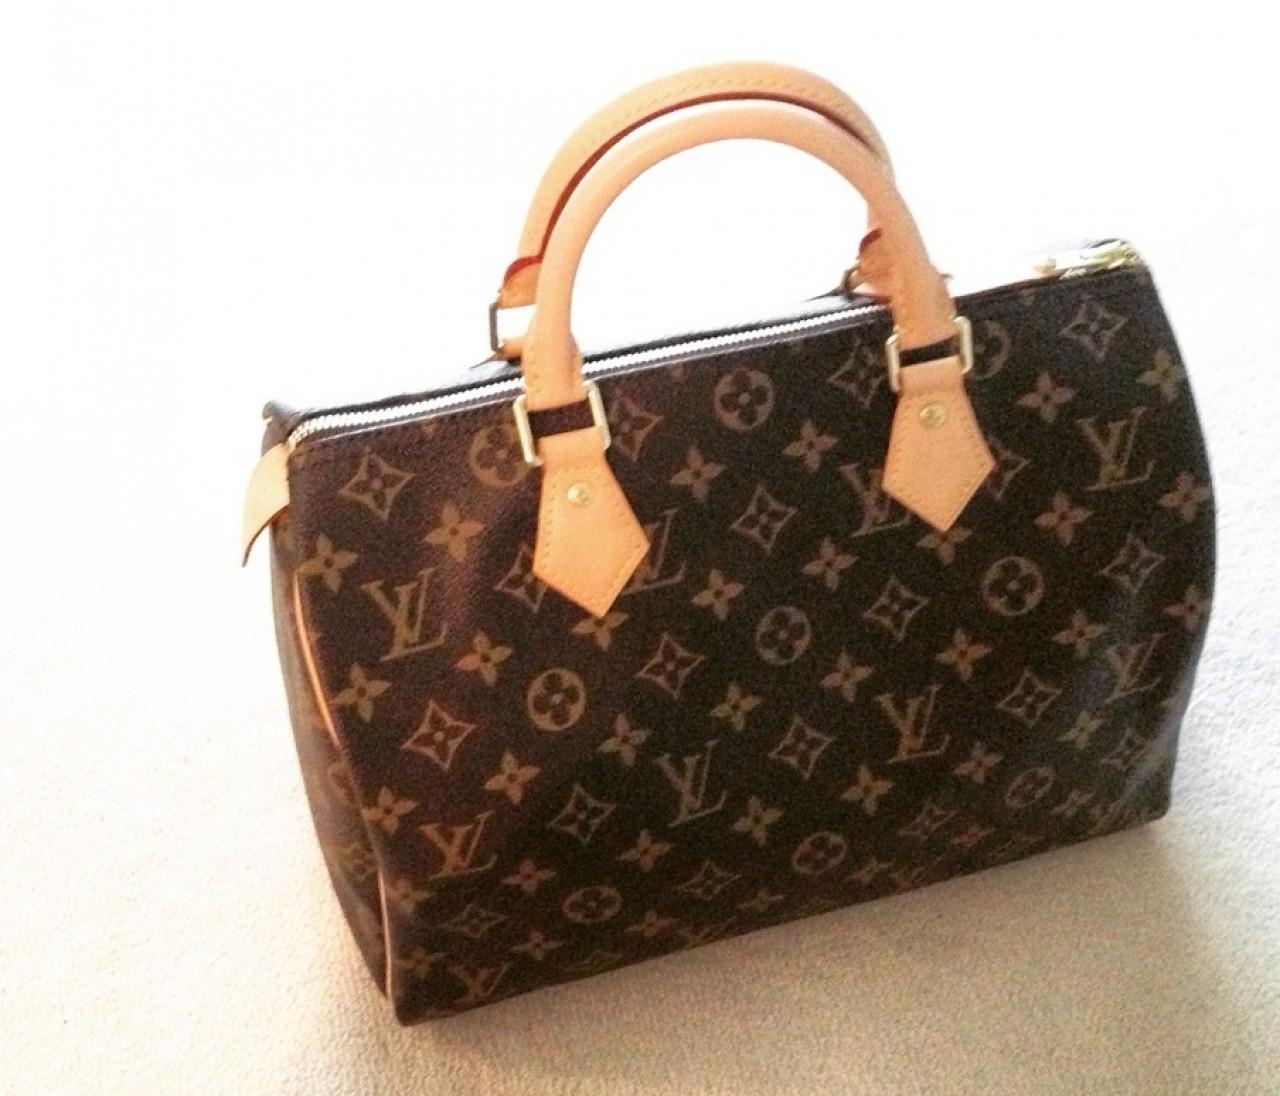 ルイ・ヴィトンでこのバッグを買ったワケ